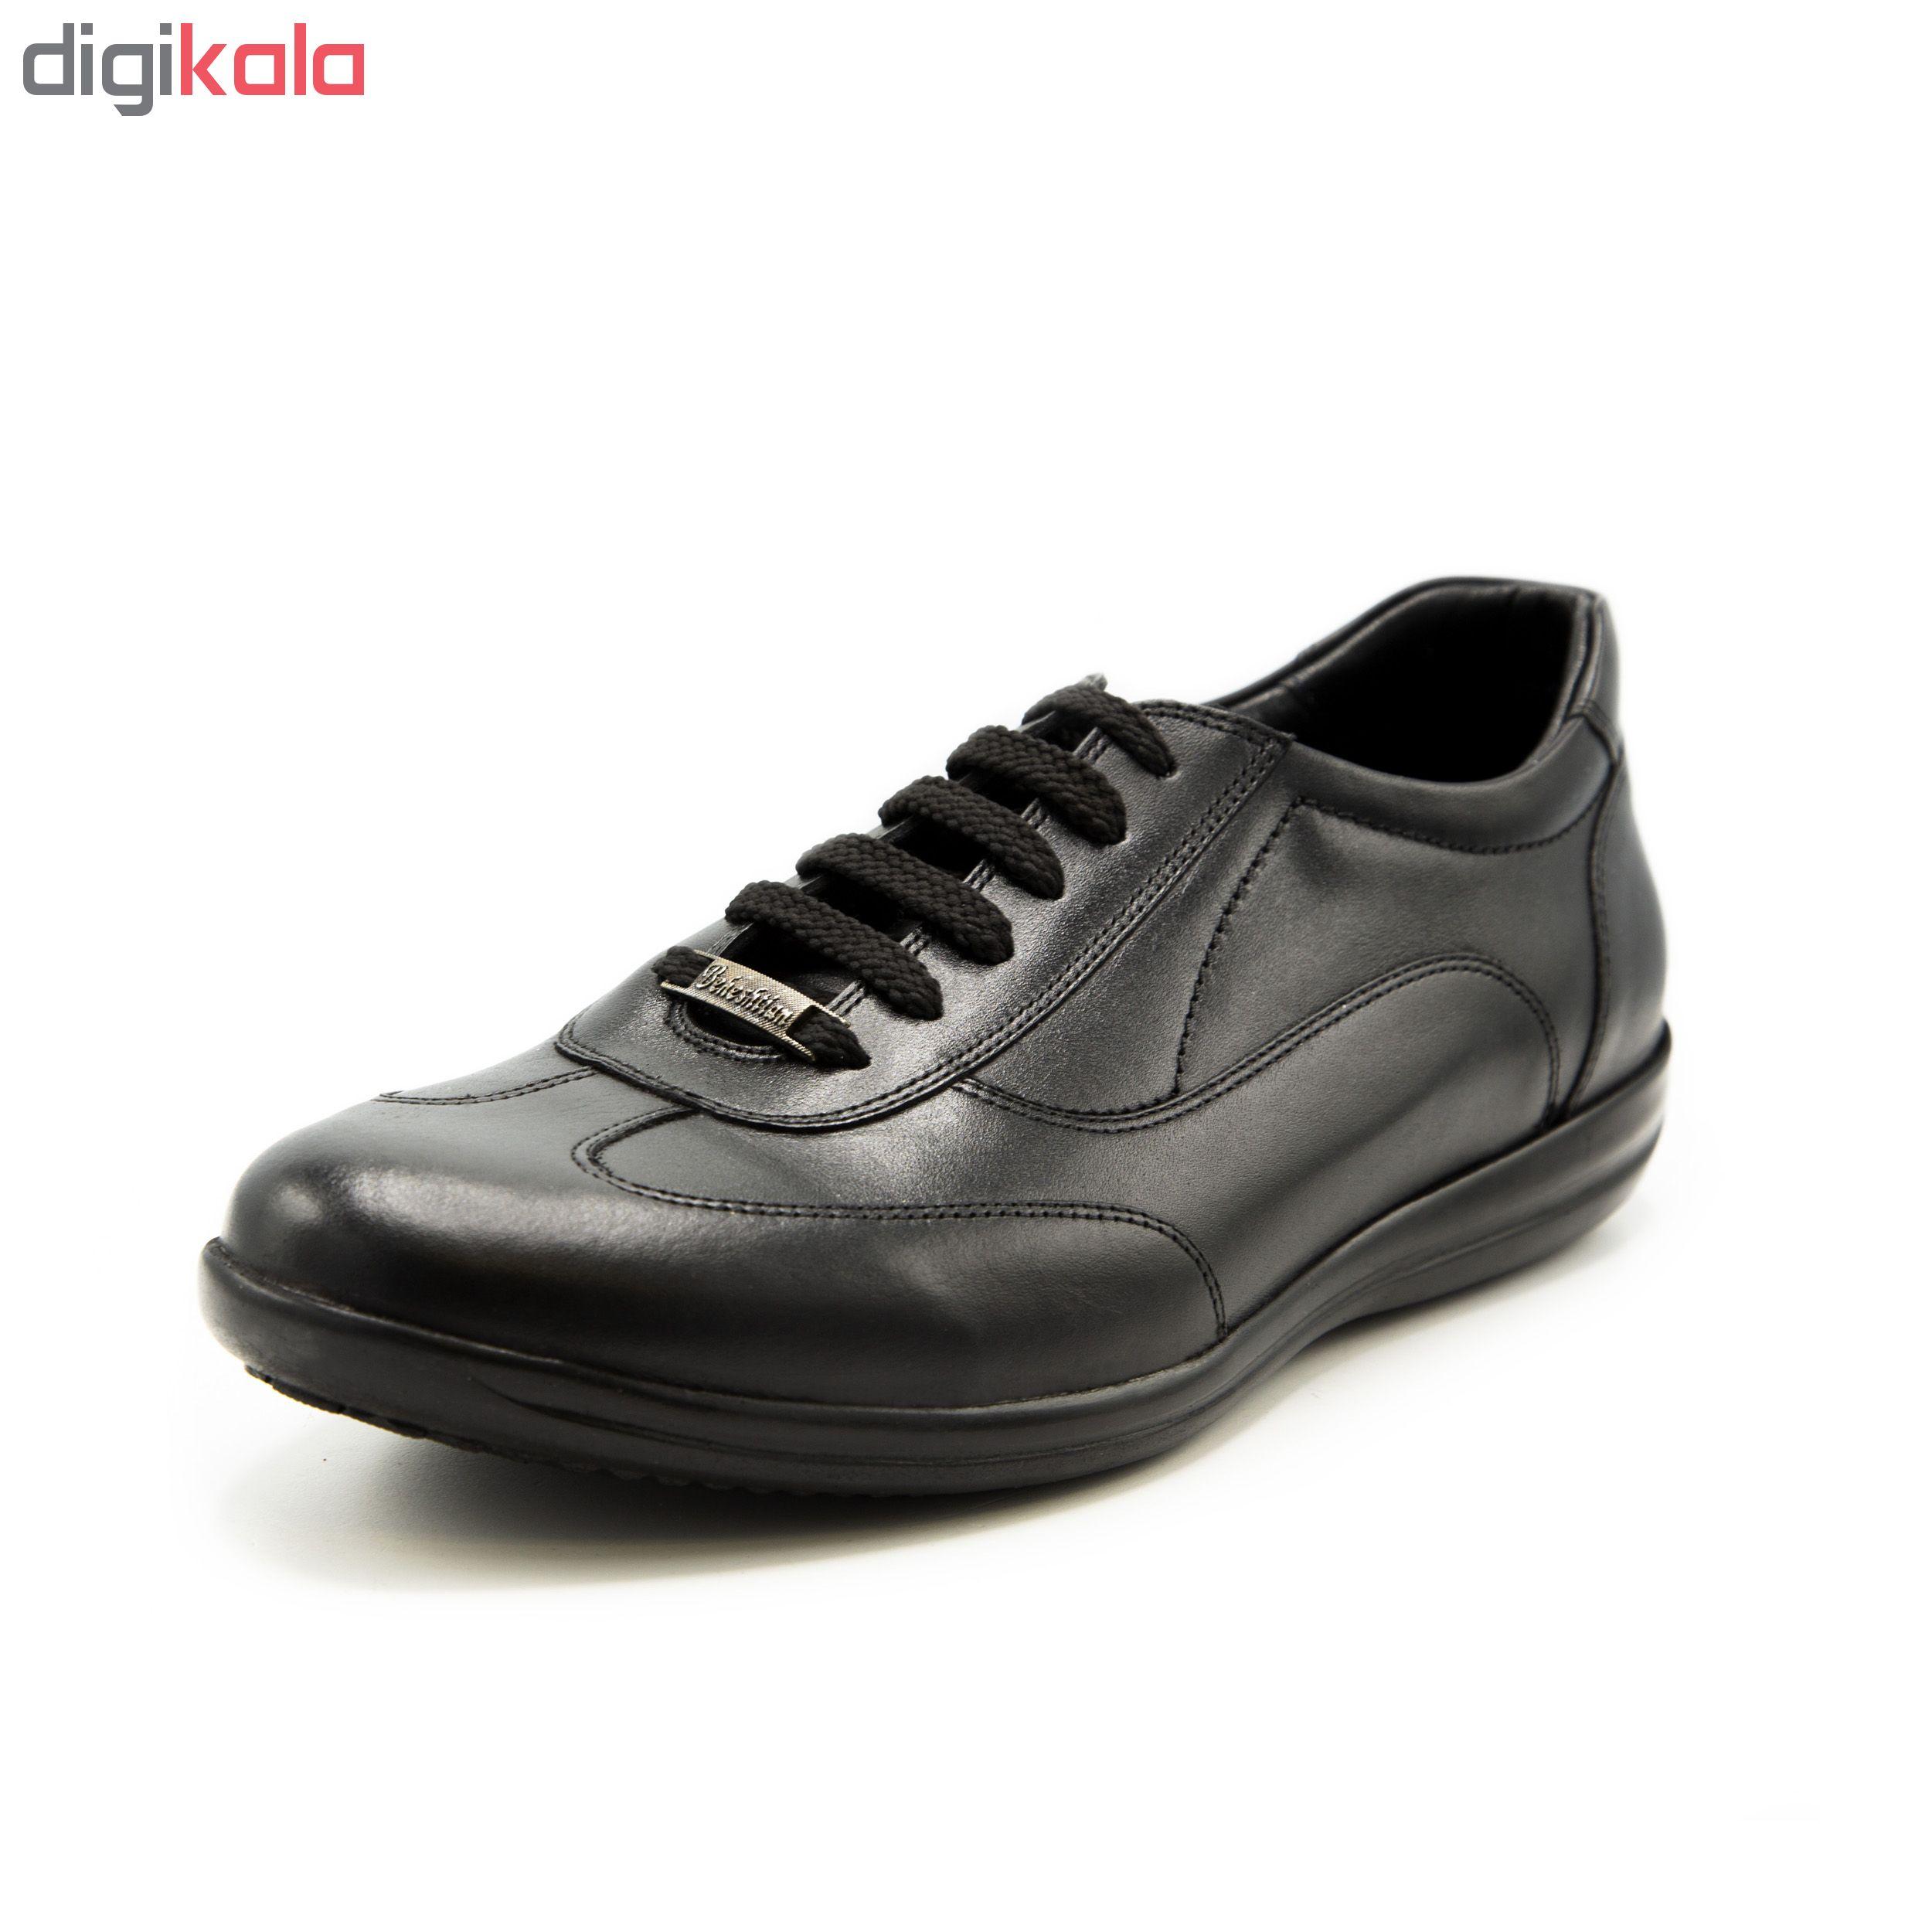 کفش مردانه بهشتیان مدل برن کد 53610